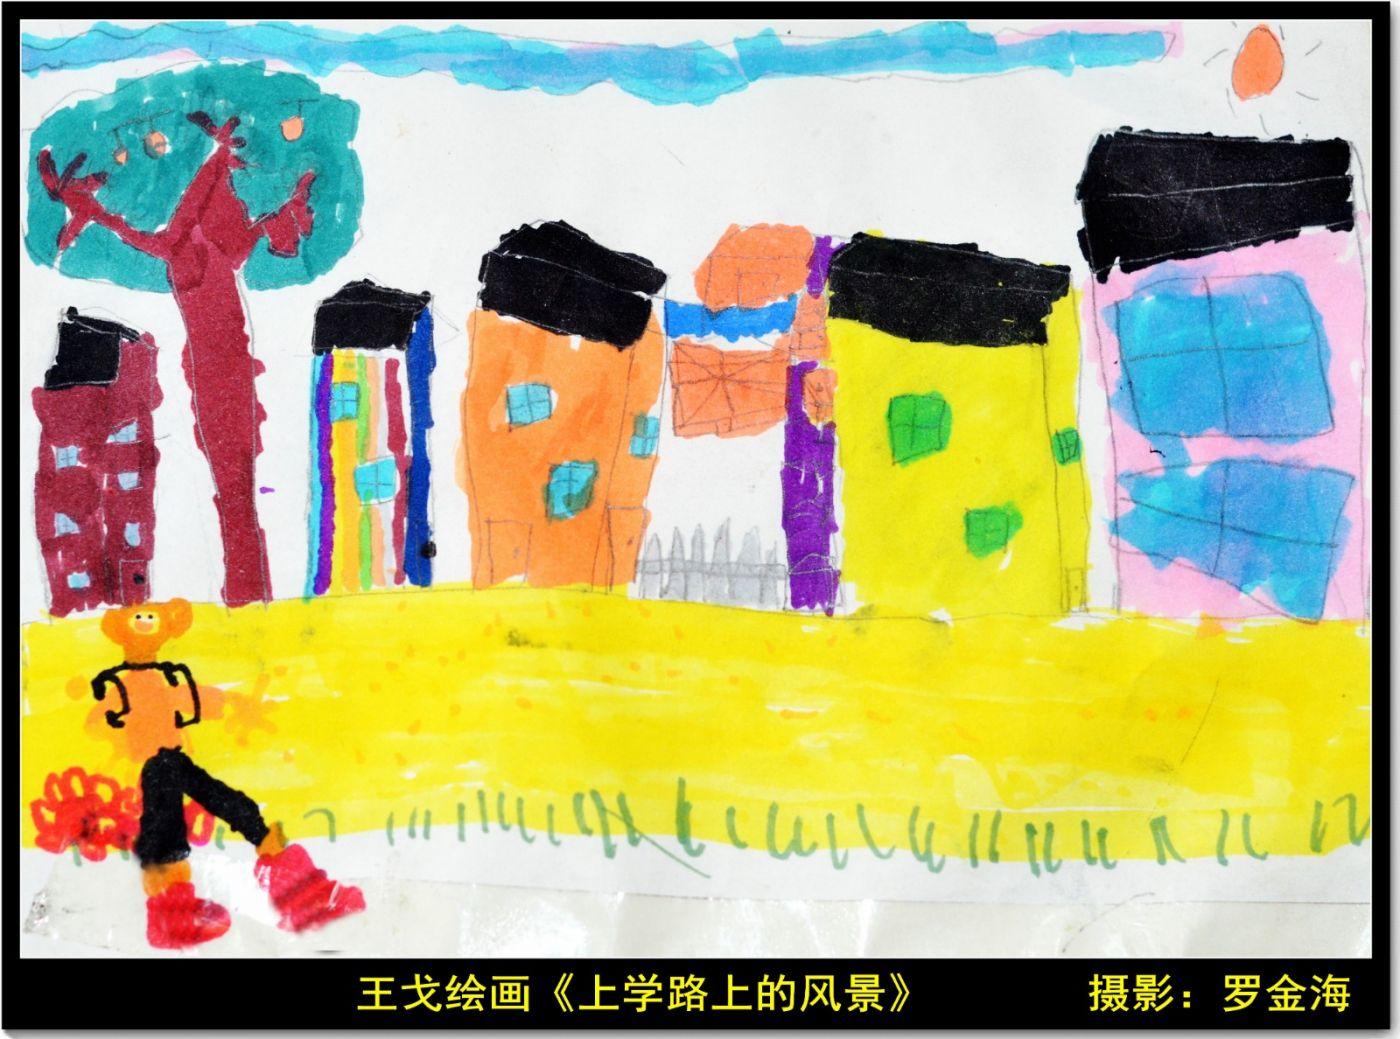 王戈的绘画欣赏(三)七律_图1-1